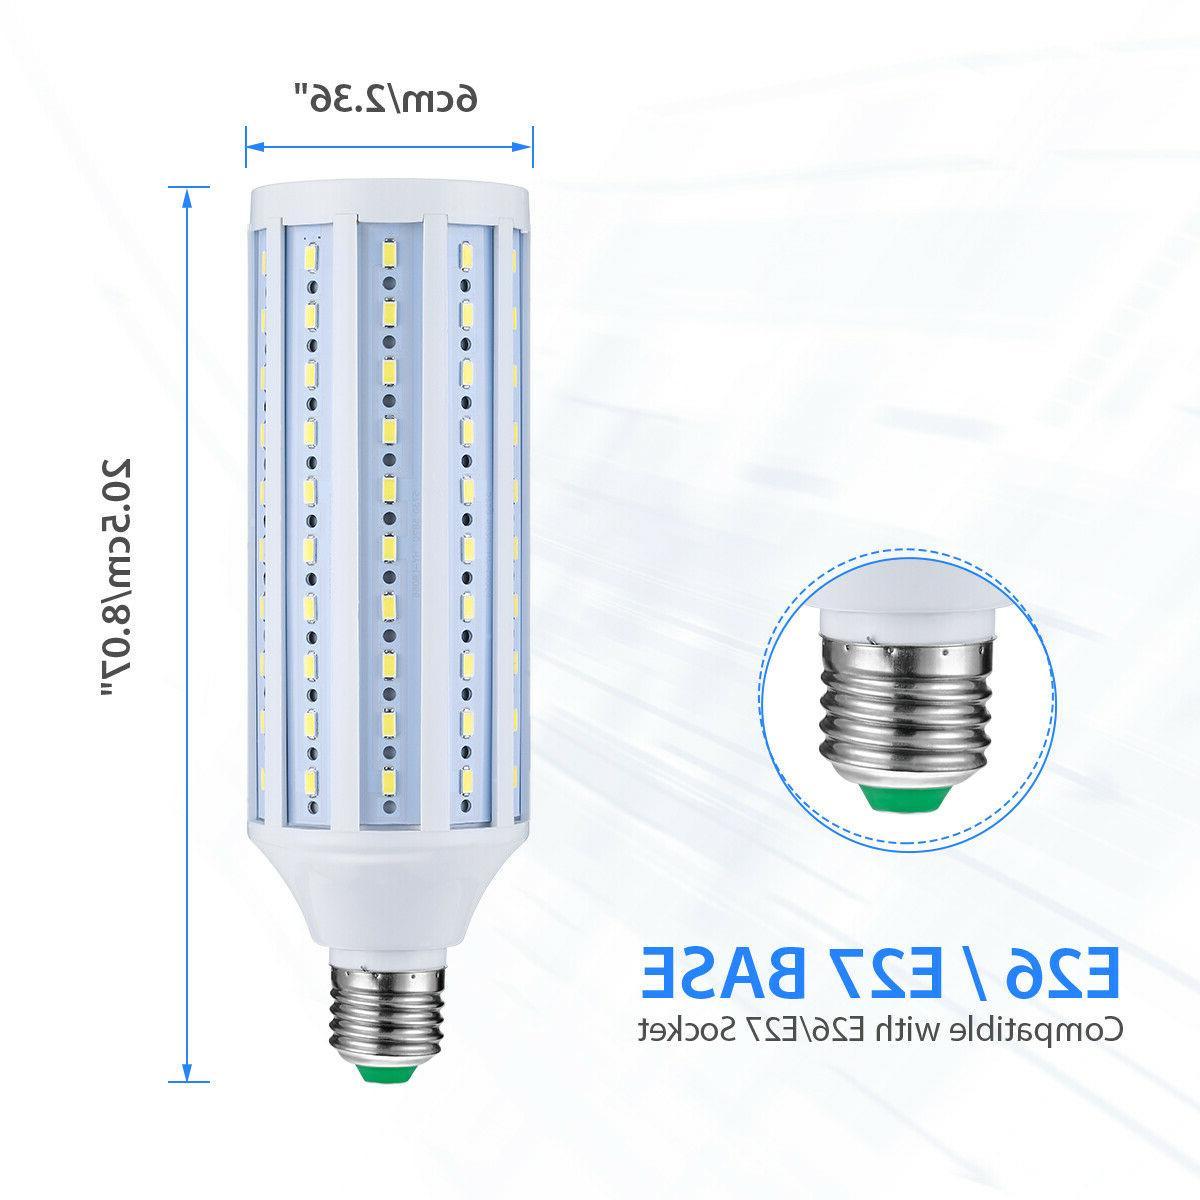 LED Light Bulb E27 30W